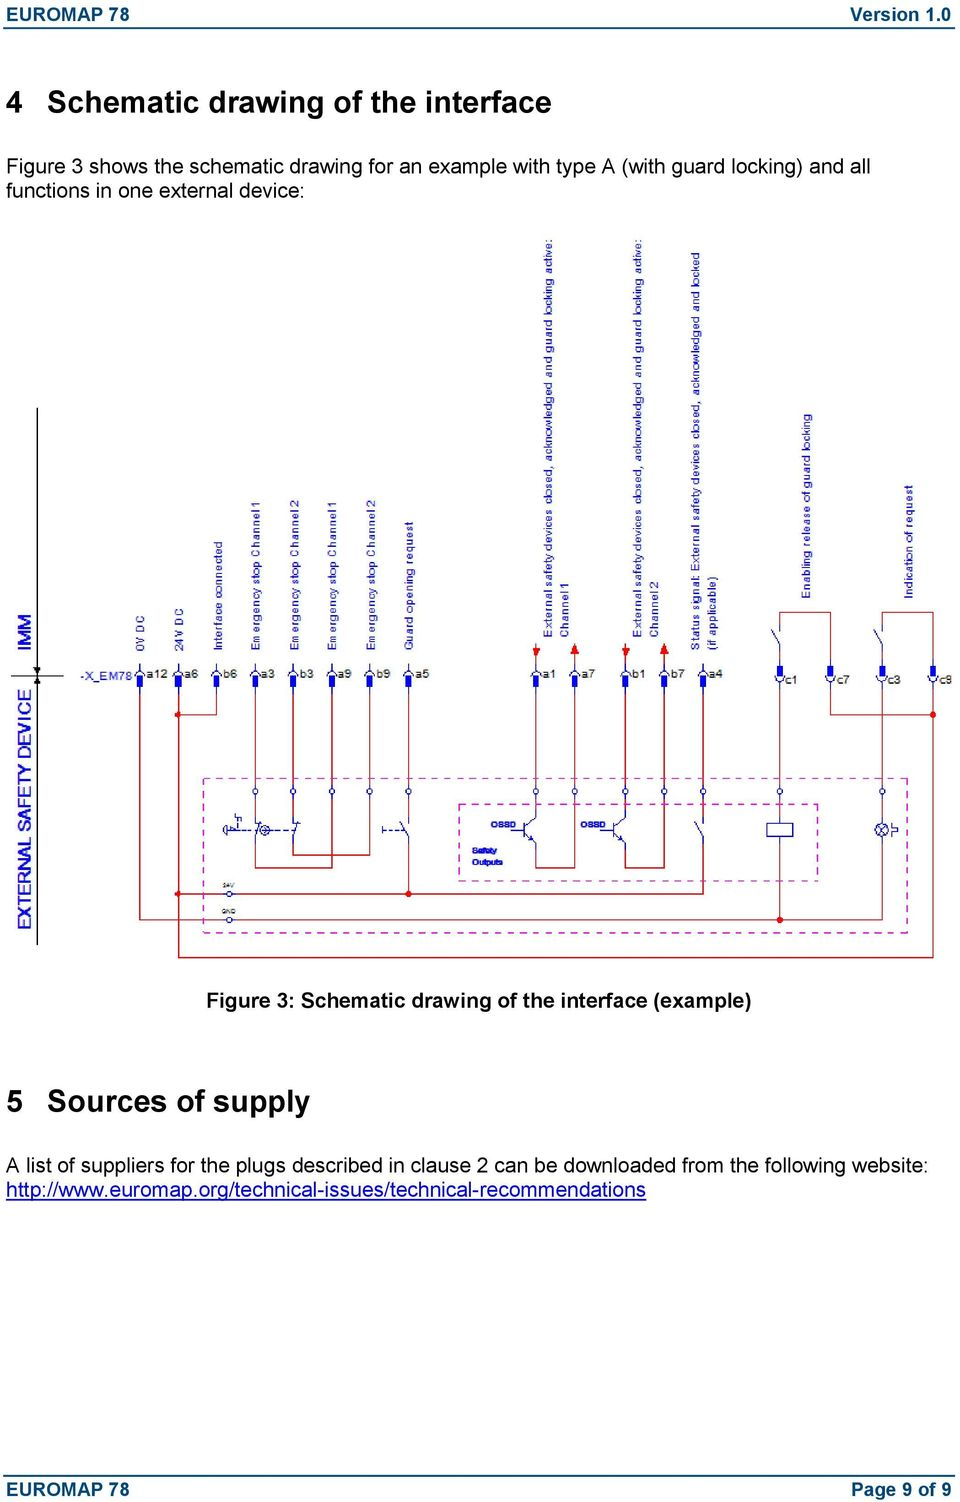 yamaha blaster stator wiring diagram bryant thermostat euromap 67 free download • playapk.co